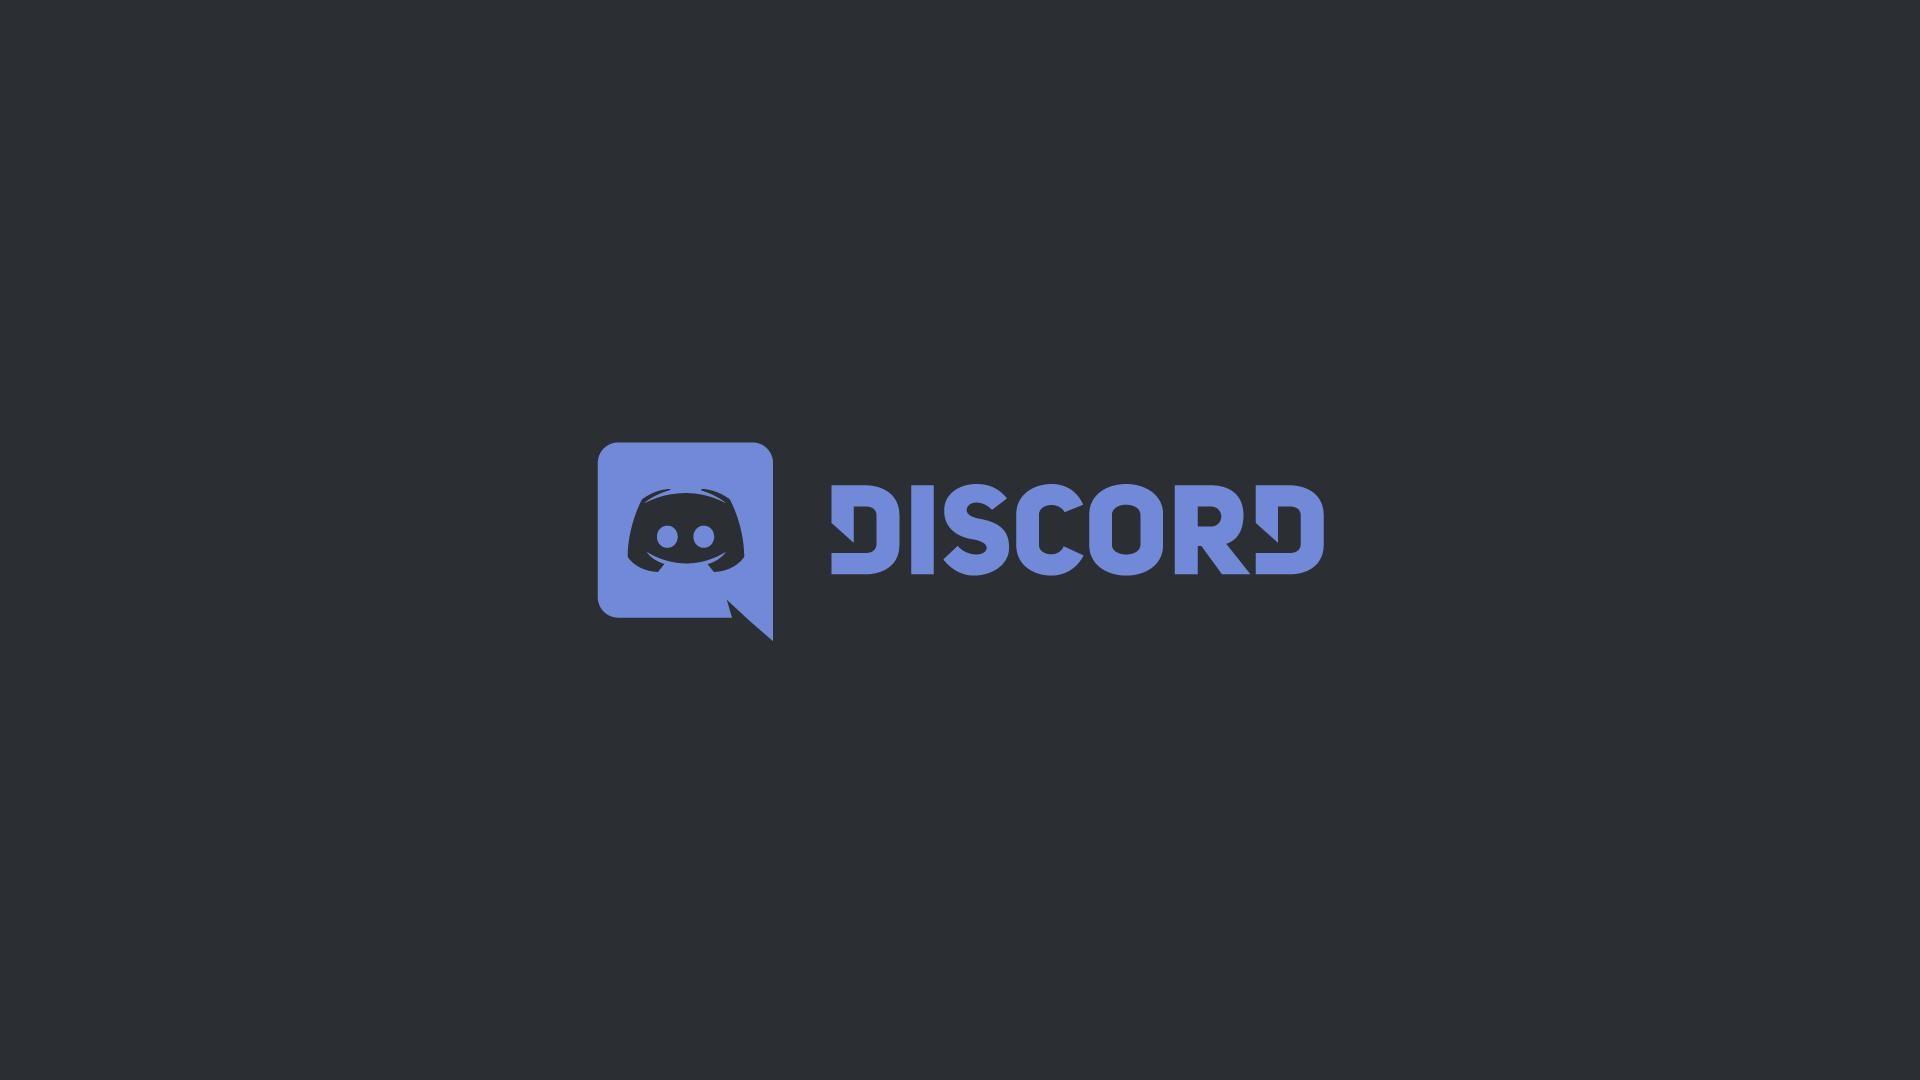 Bagaimana cara mengirim notifikasi Discord dengan Laravel?